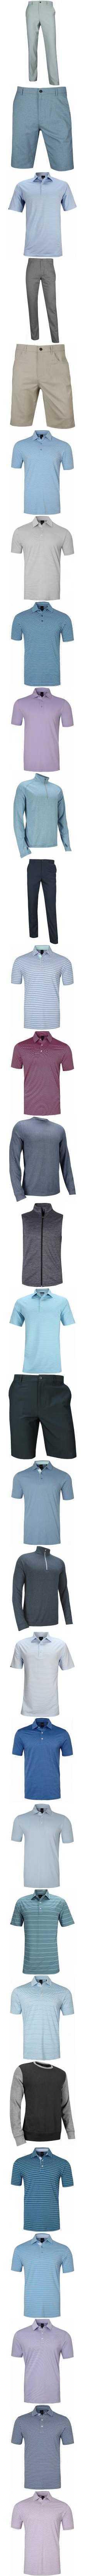 15a4a722752 Dunning Heathered Tour Quarter-Zip Golf Pullovers - Lark Blue Heather